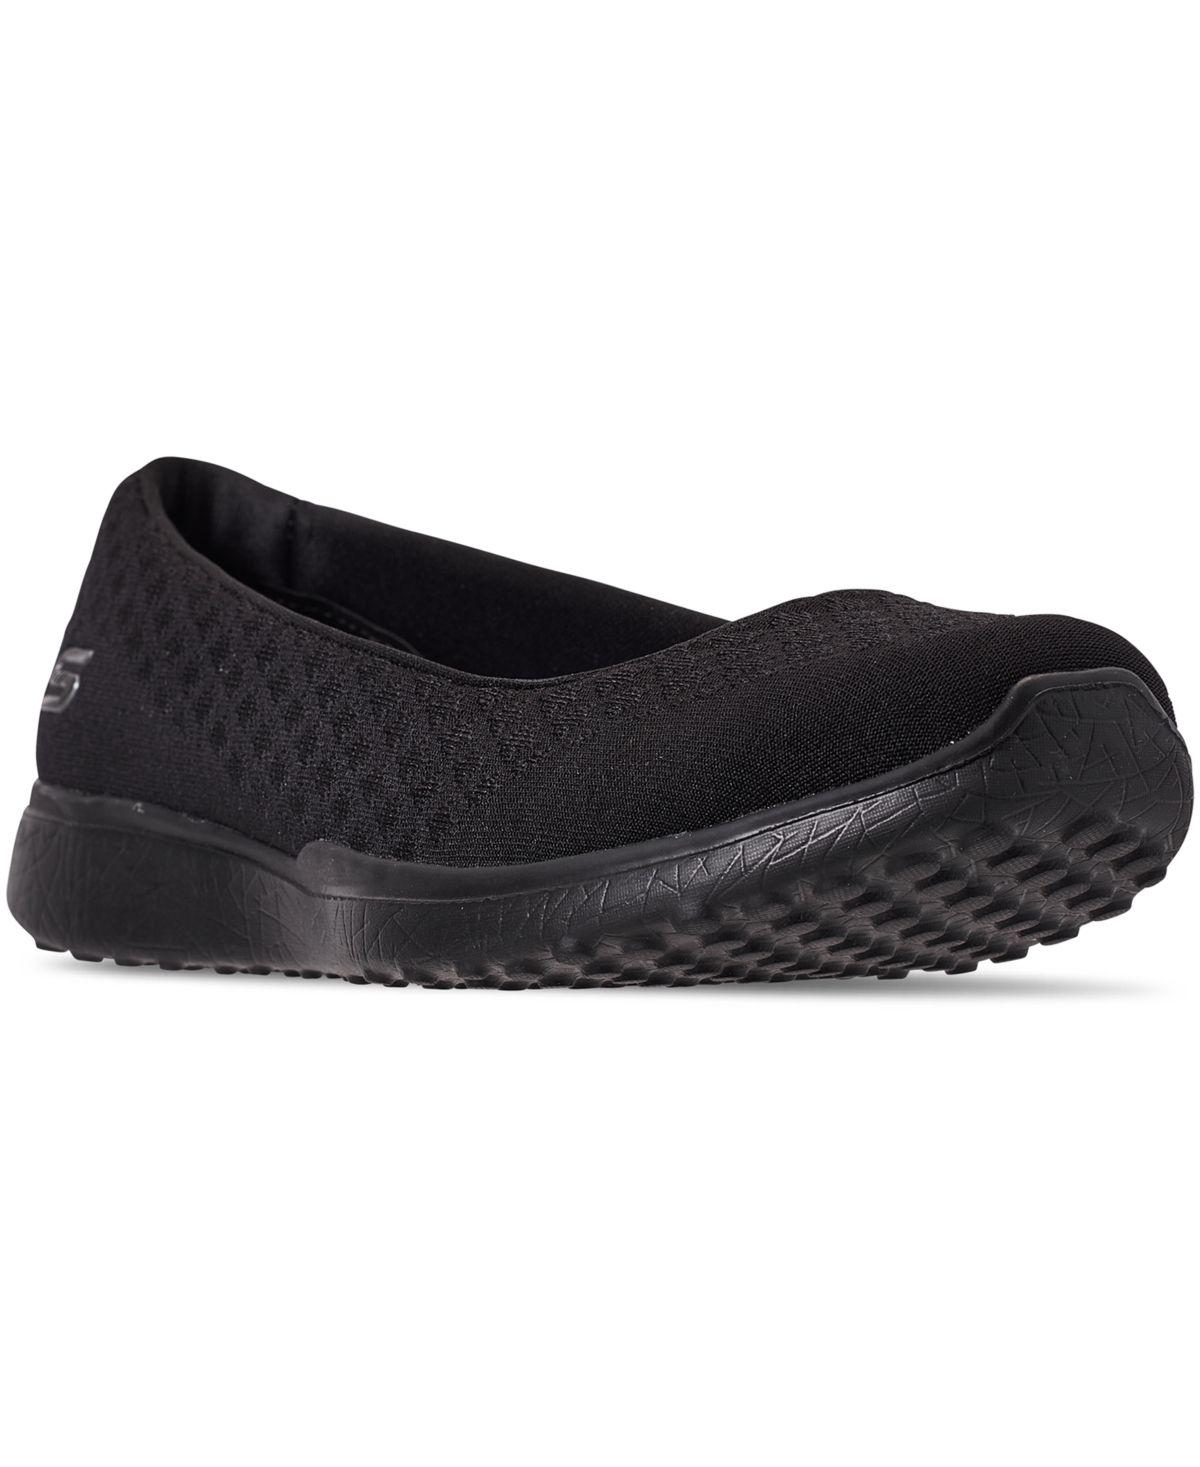 skechers wide width womens shoes Online